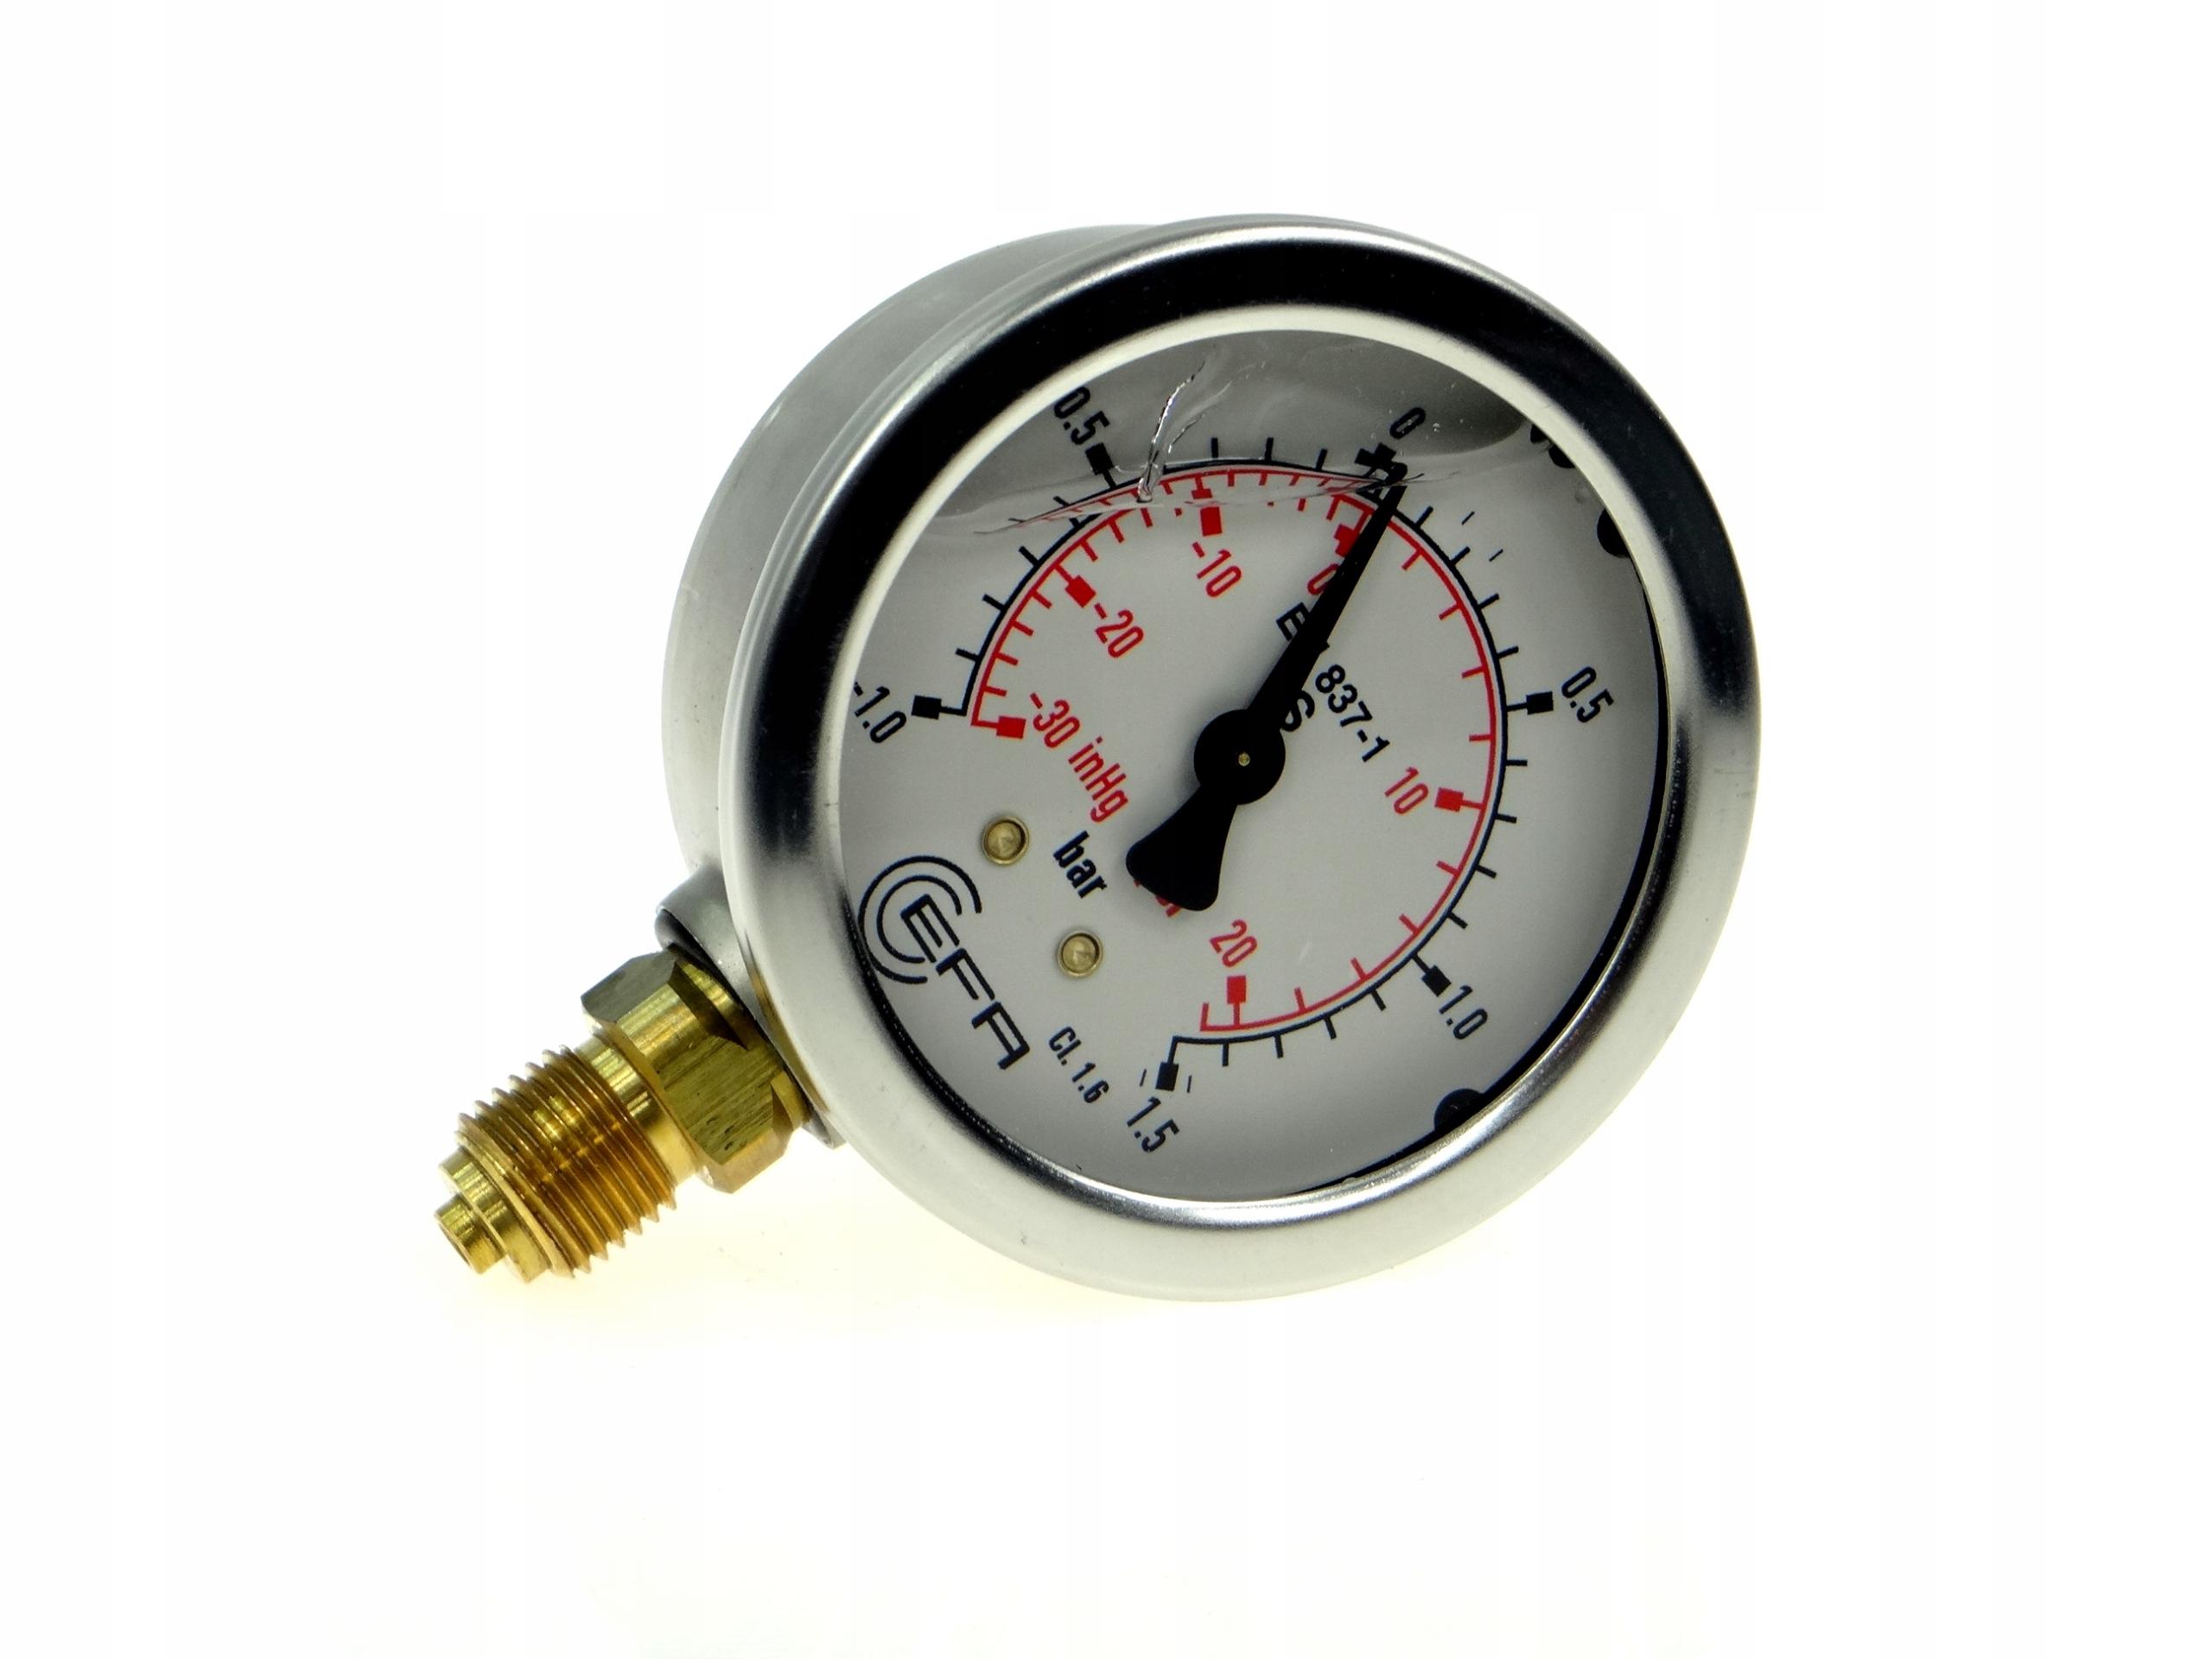 Vákuový mesometer glycerín z-1 až + 1,5 bar 1/4 '